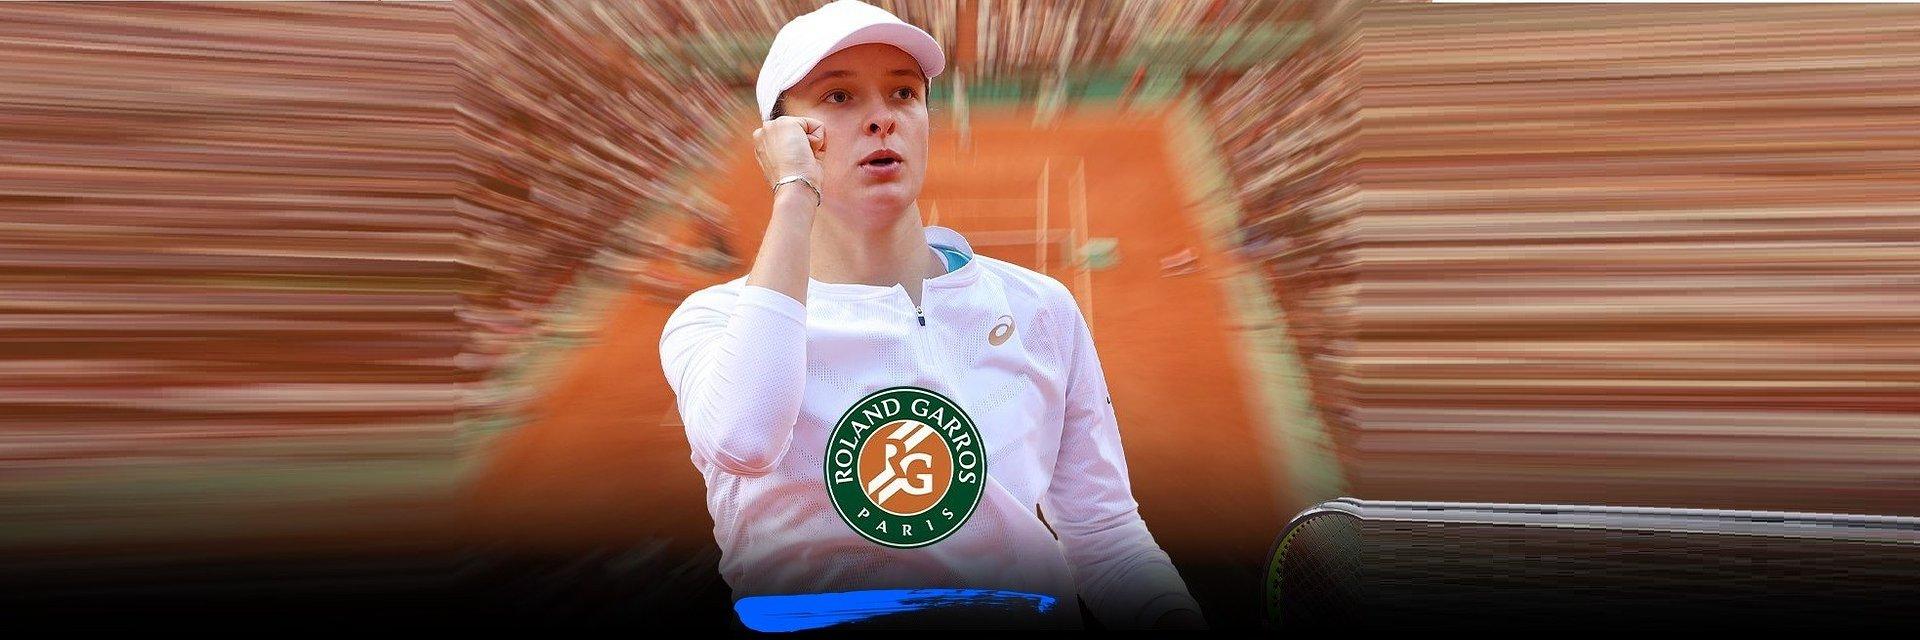 Finałowy mecz Igi Świątek w Roland-Garros z rekordową oglądalnością w historii Wielkiego Szlema w Polsce!